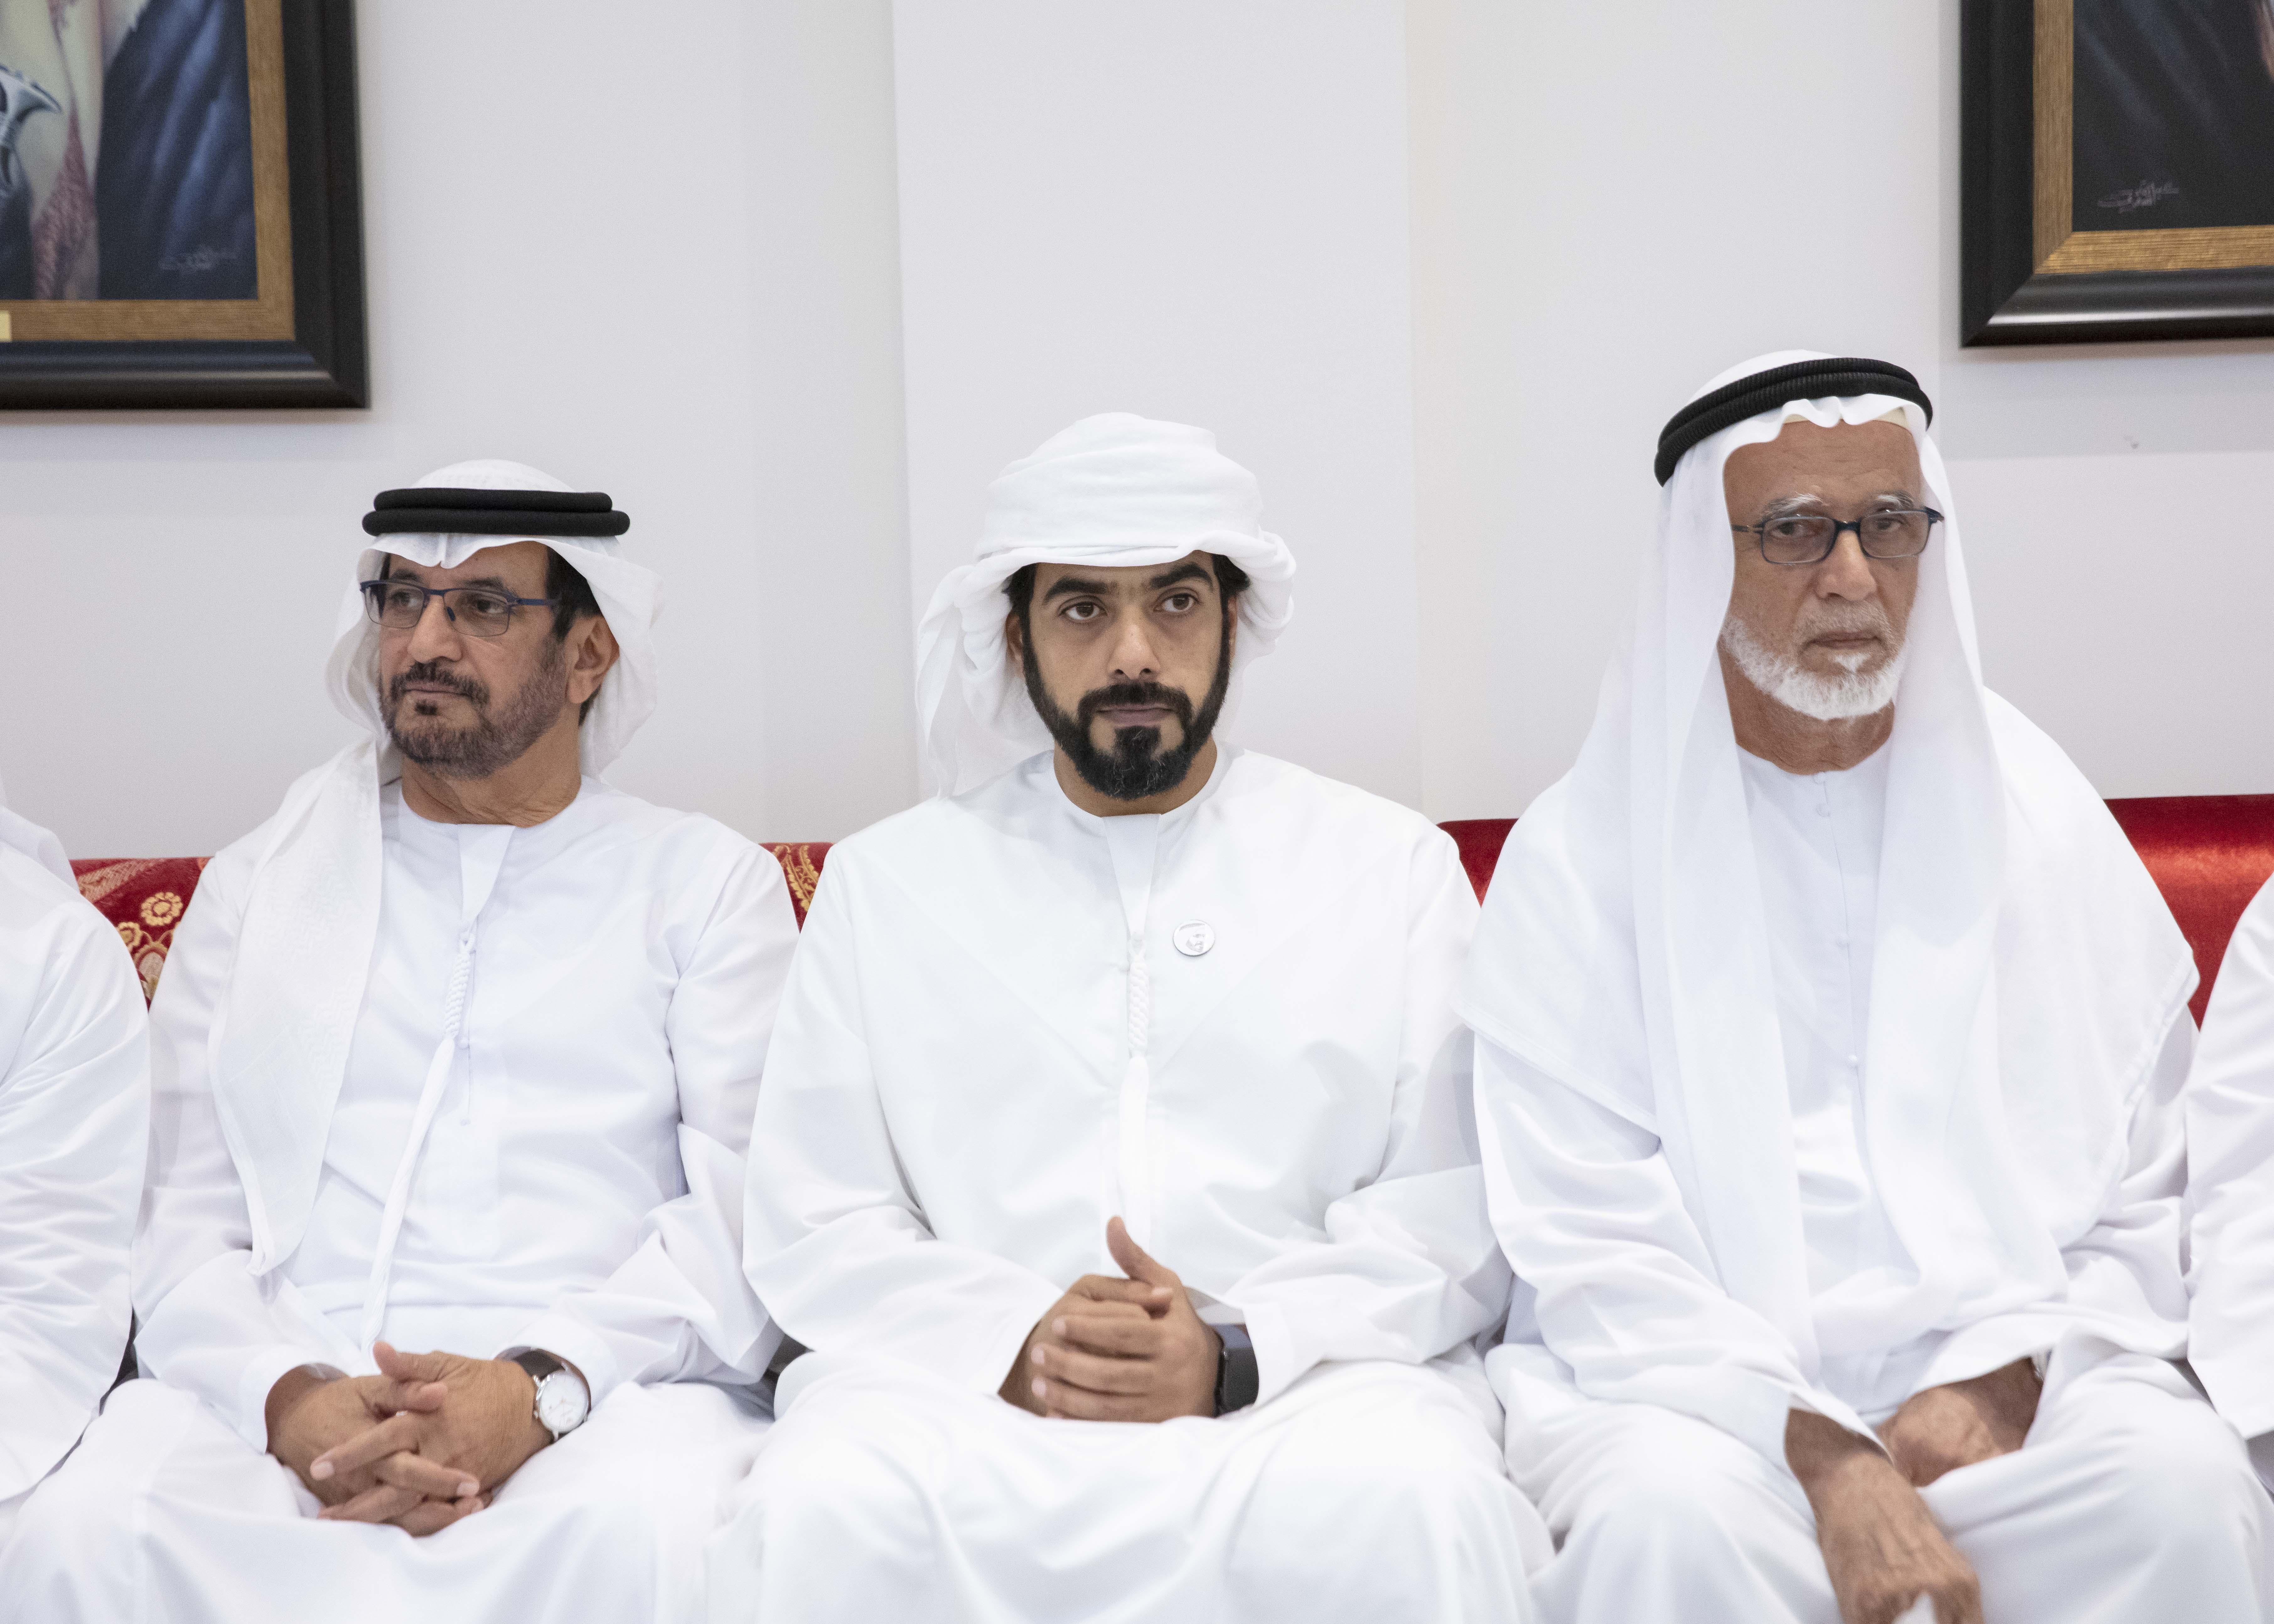 طحنون بن محمد يعزي محمد علي الشامسي في وفاة نجله